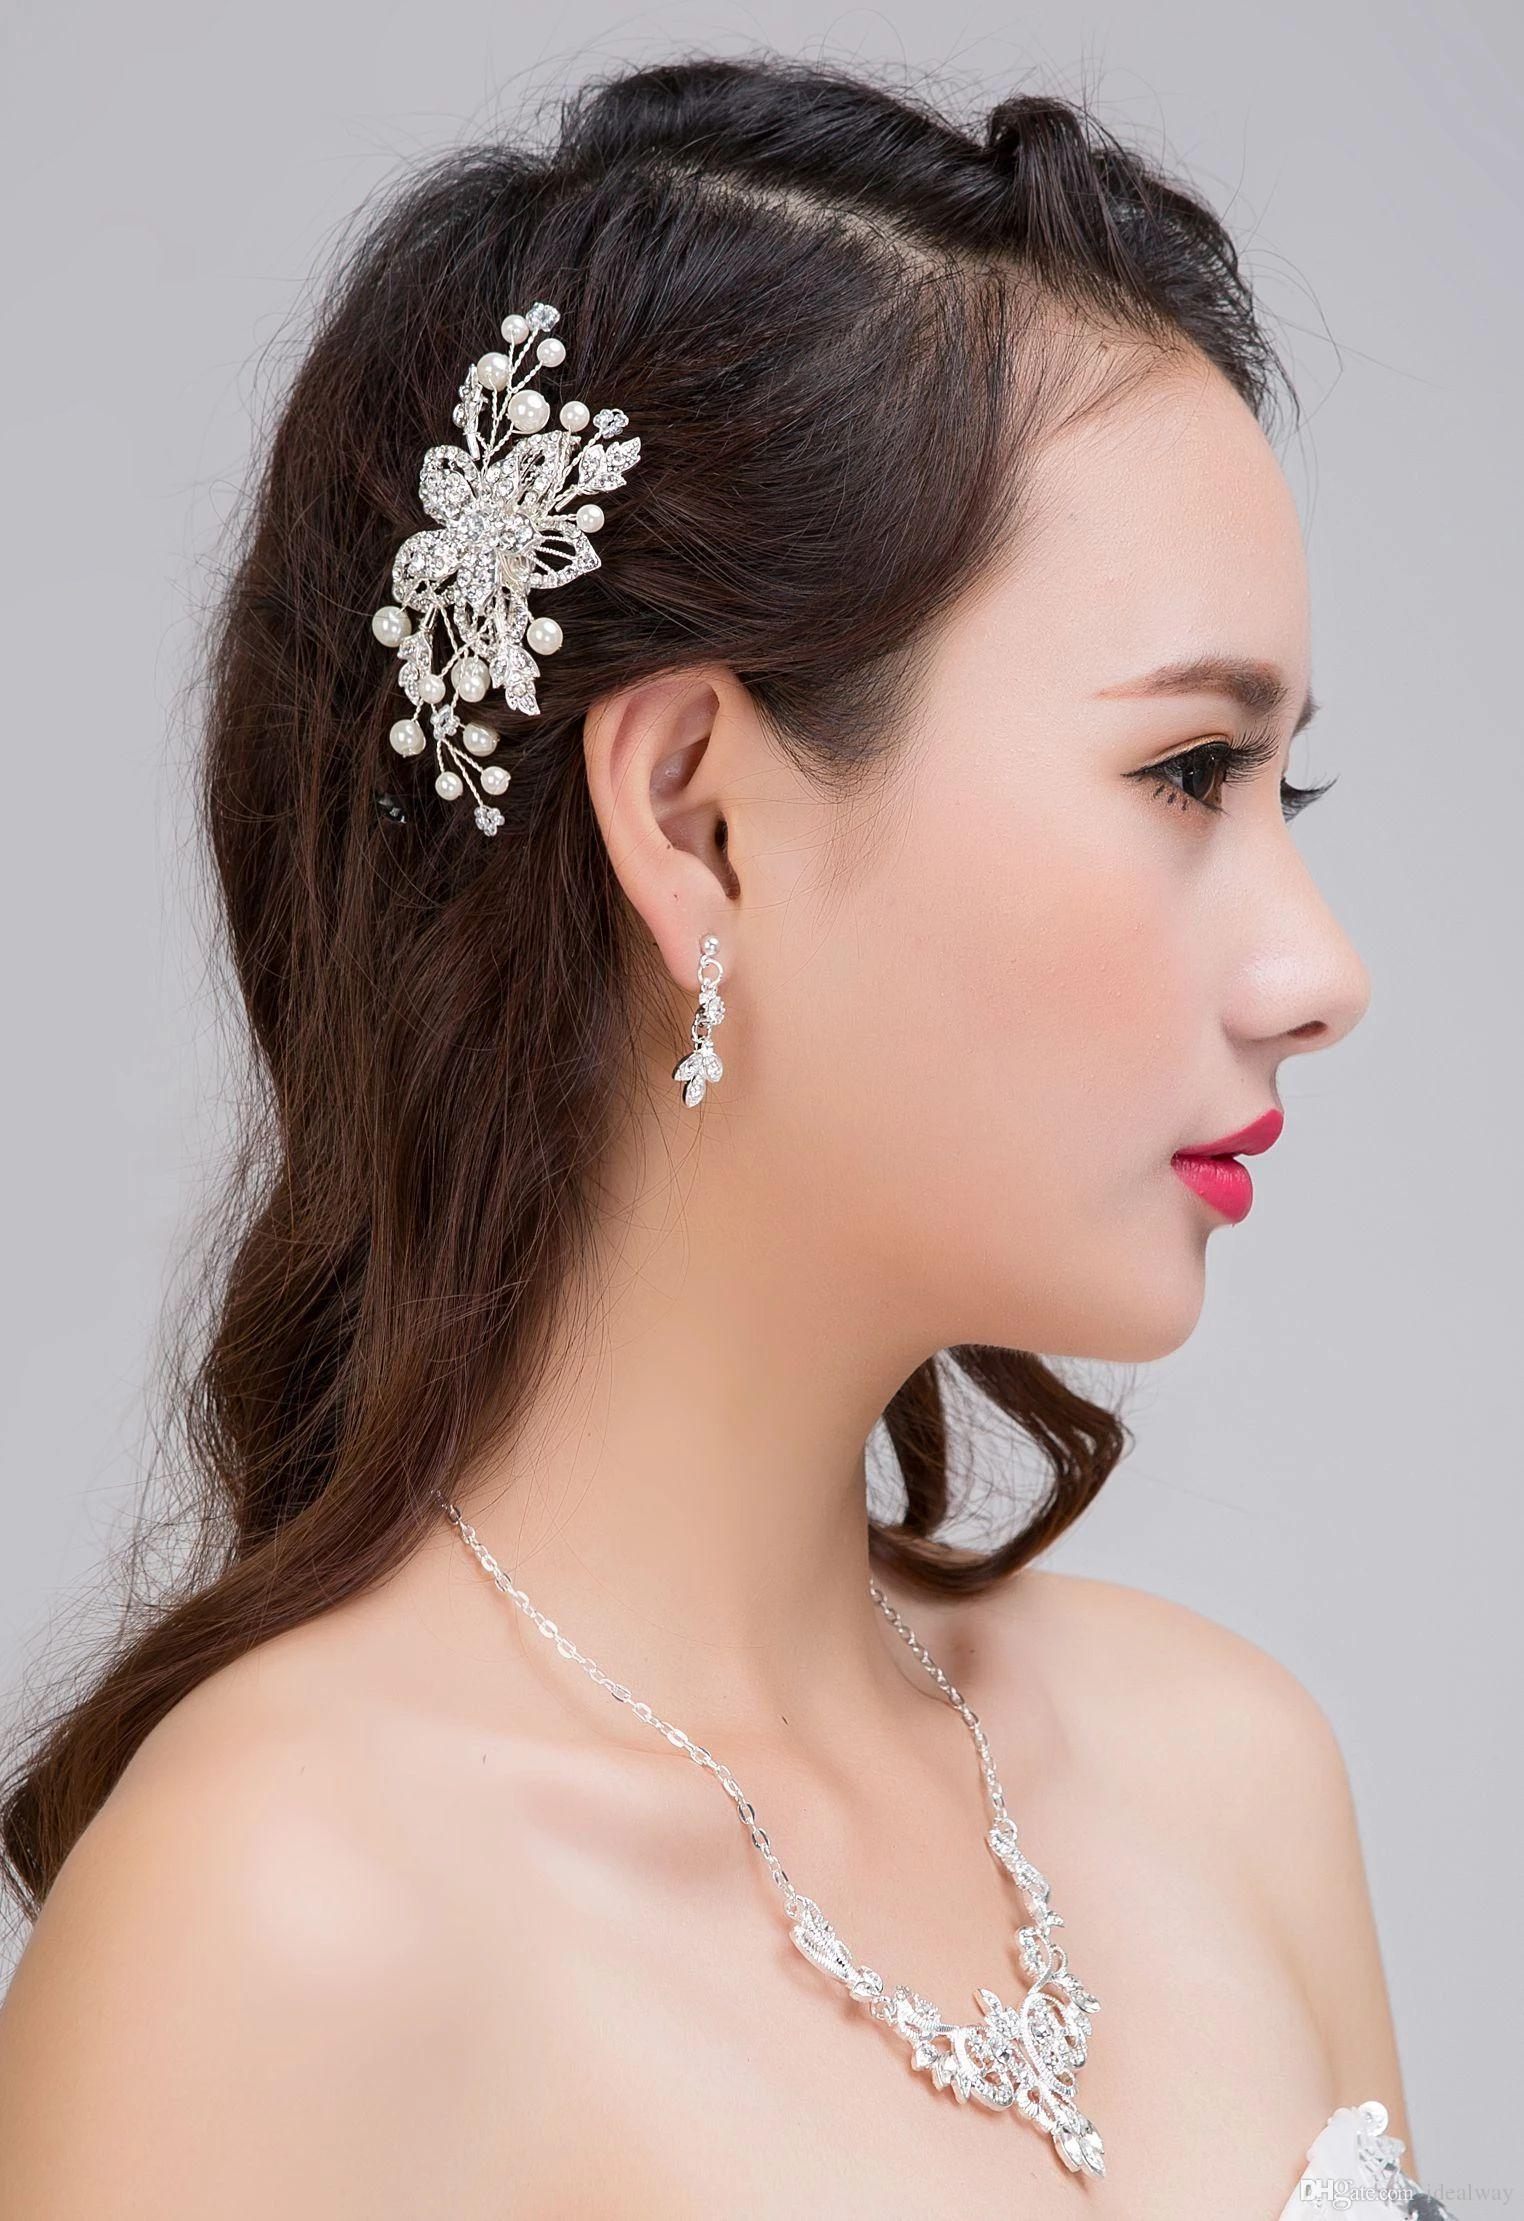 Clip nueva perla de la flor del Rhinestone de pelo del peine del pelo Señora salvaje novia dama de cabeza Accesorios de boda joyería